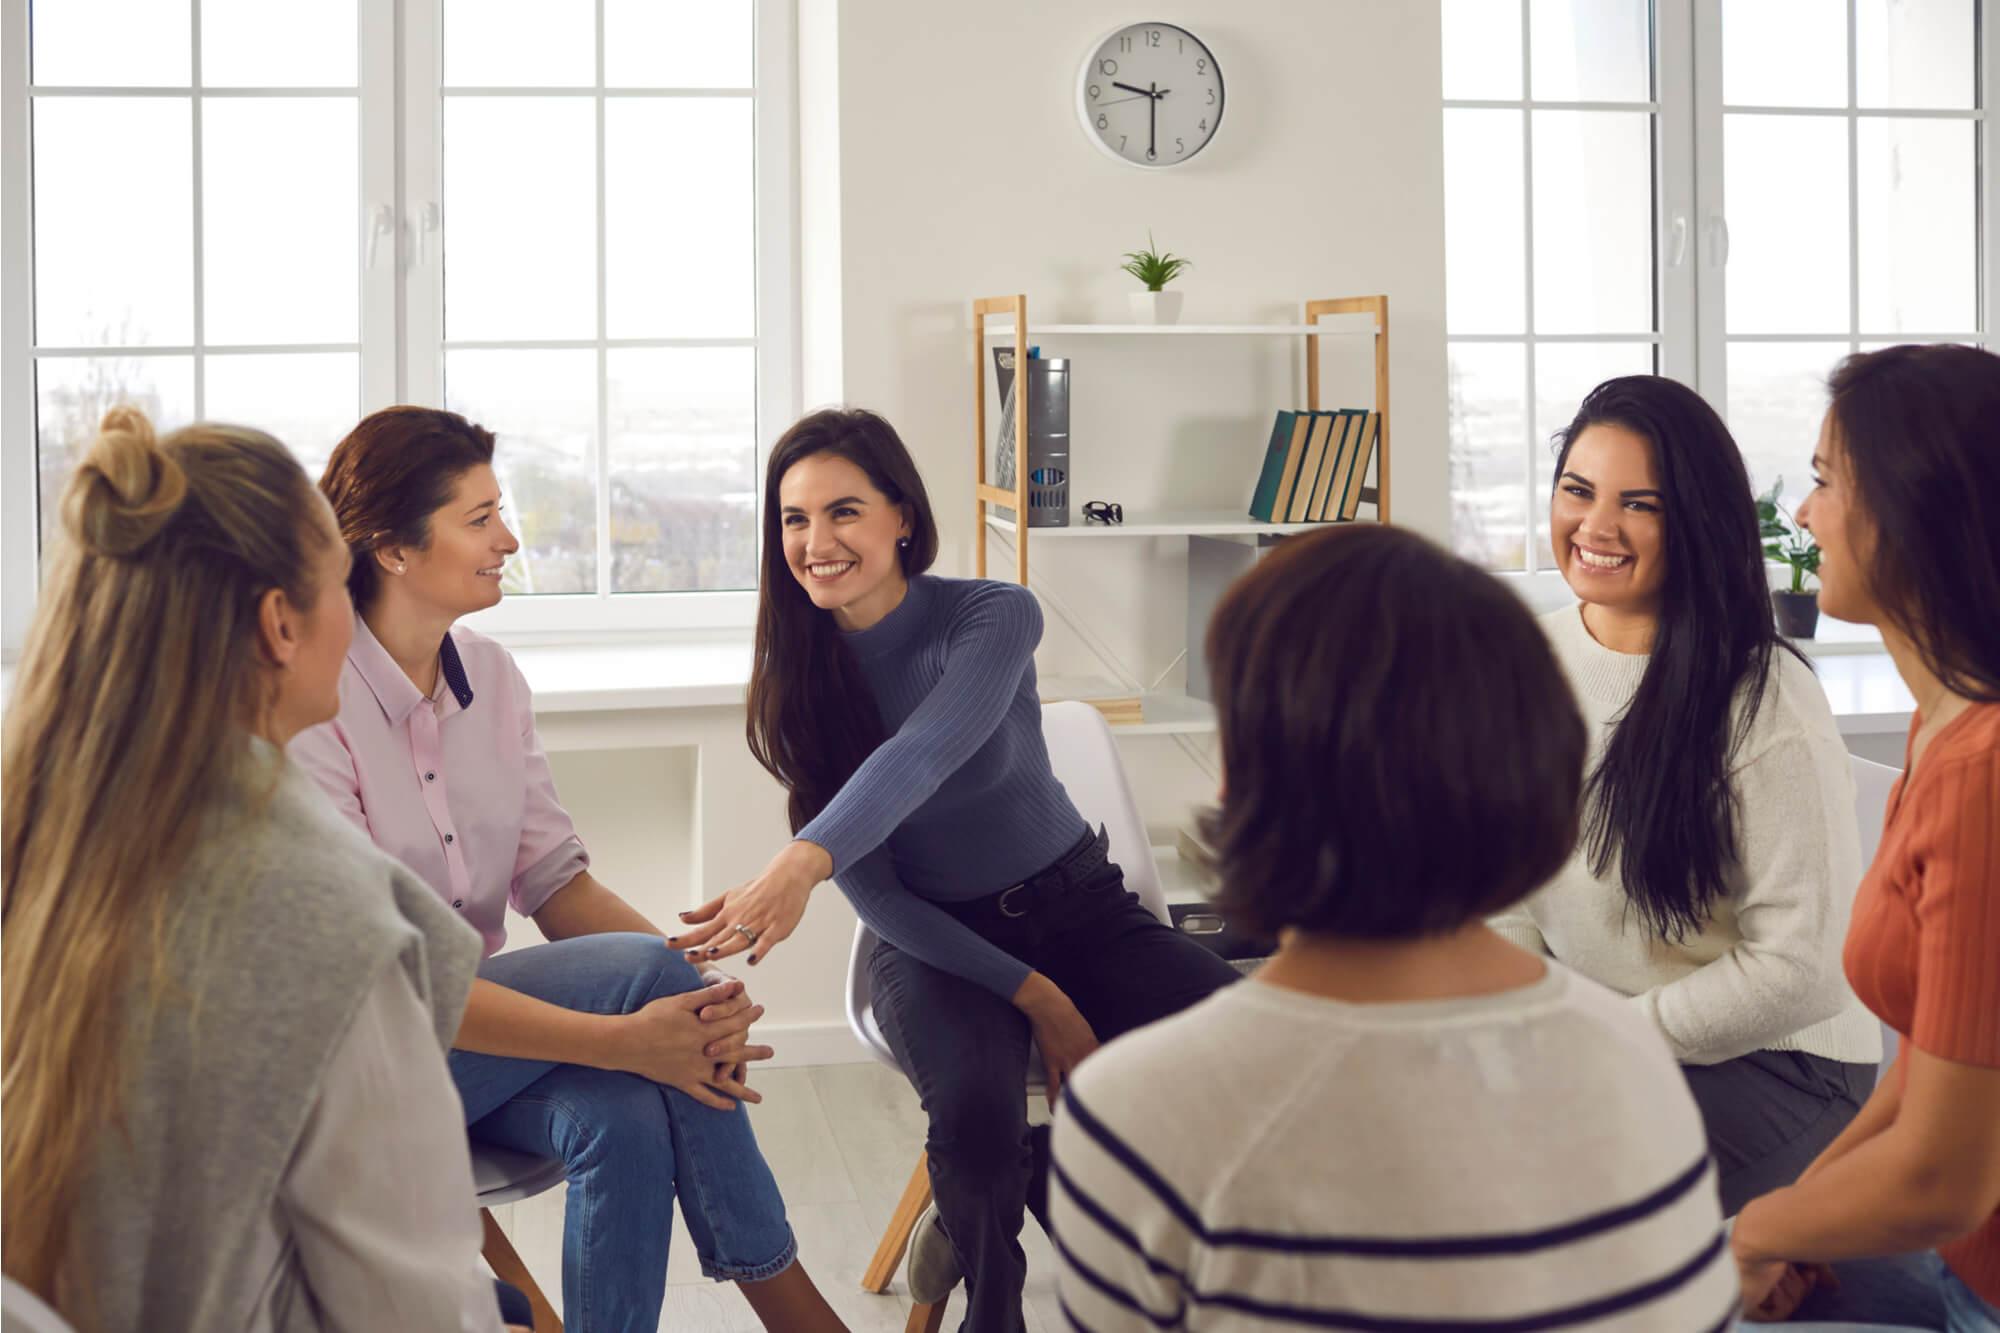 コミュニケーションセミナーでグループセッションを楽しむ女性